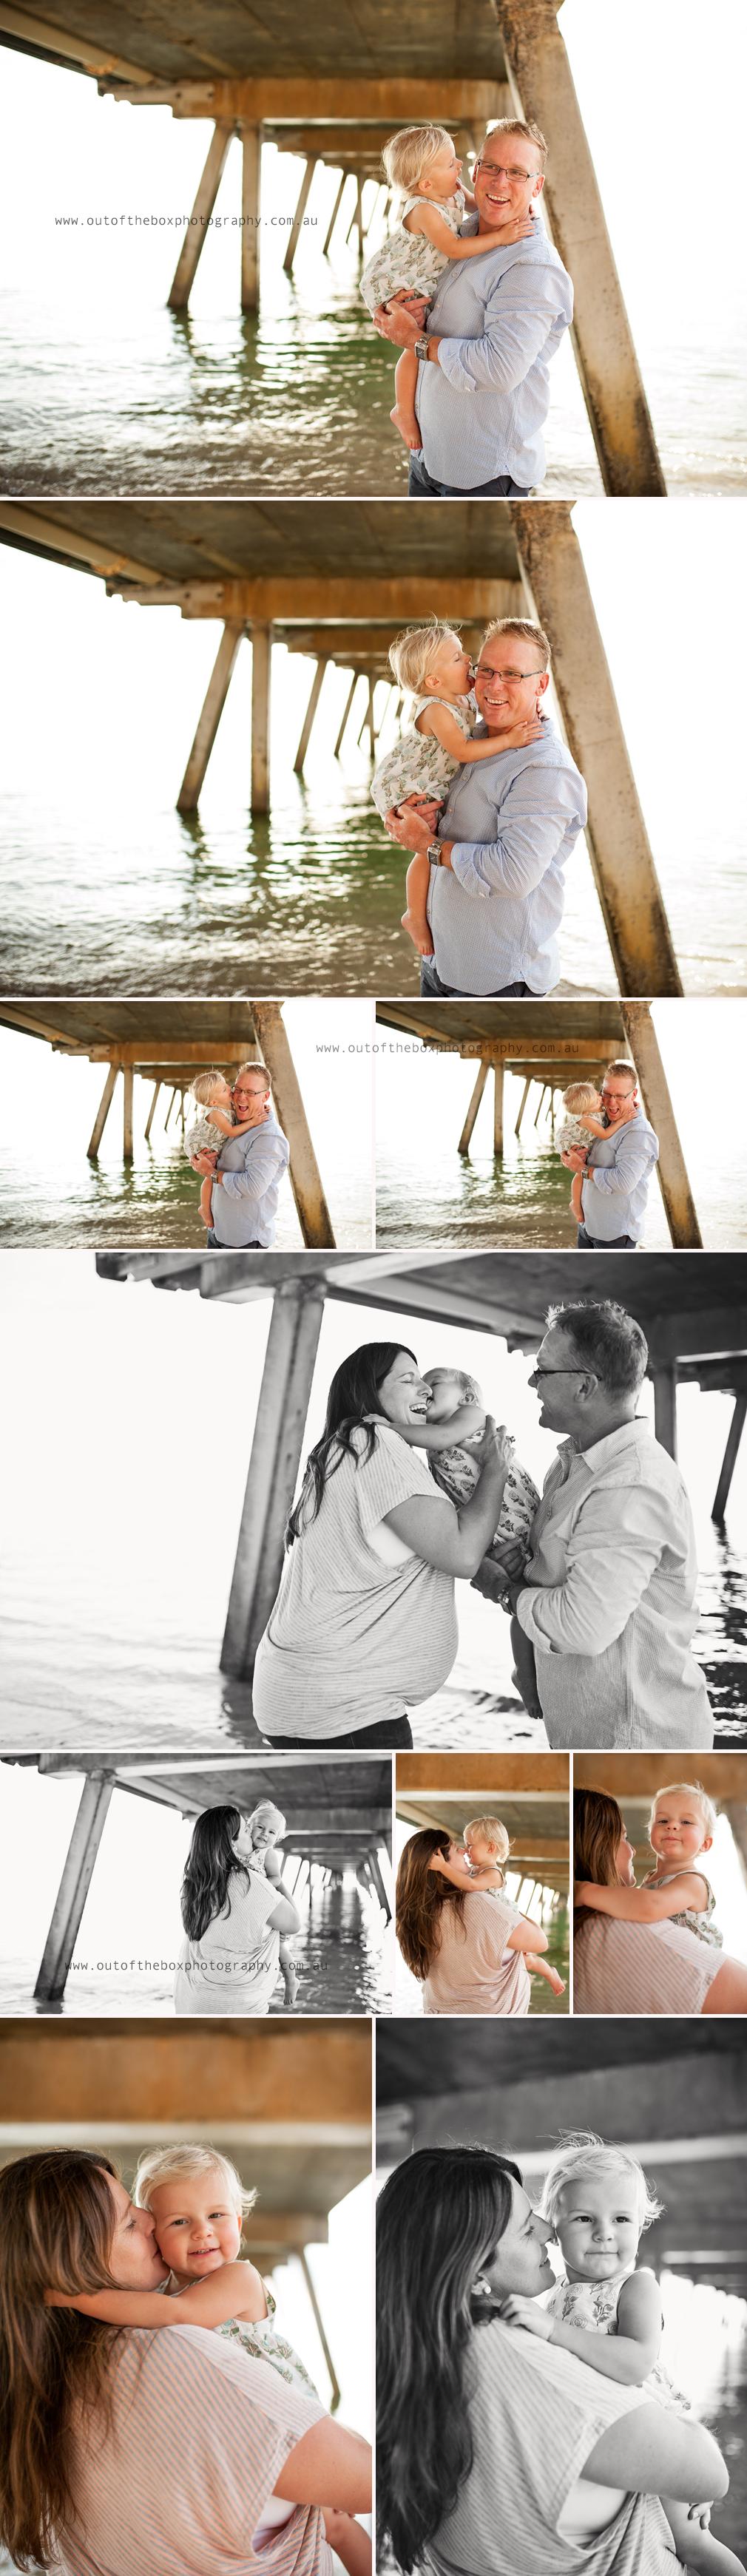 adelaie-family-photography-glenelg-beach-4